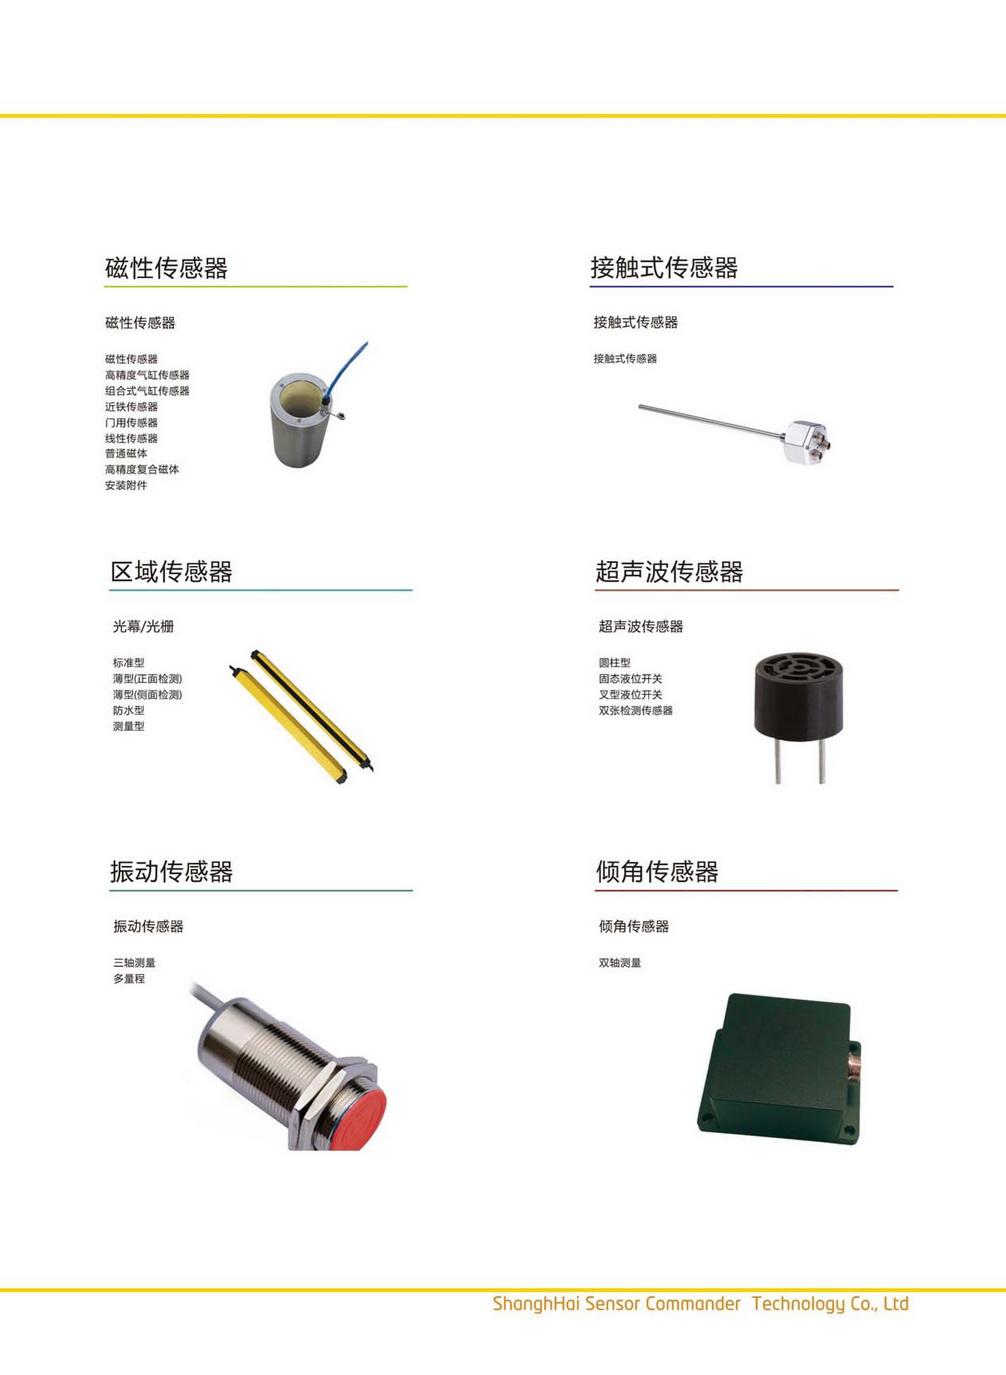 尚测科技产品选型手册 V1.3_页面_94_调整大小.jpg